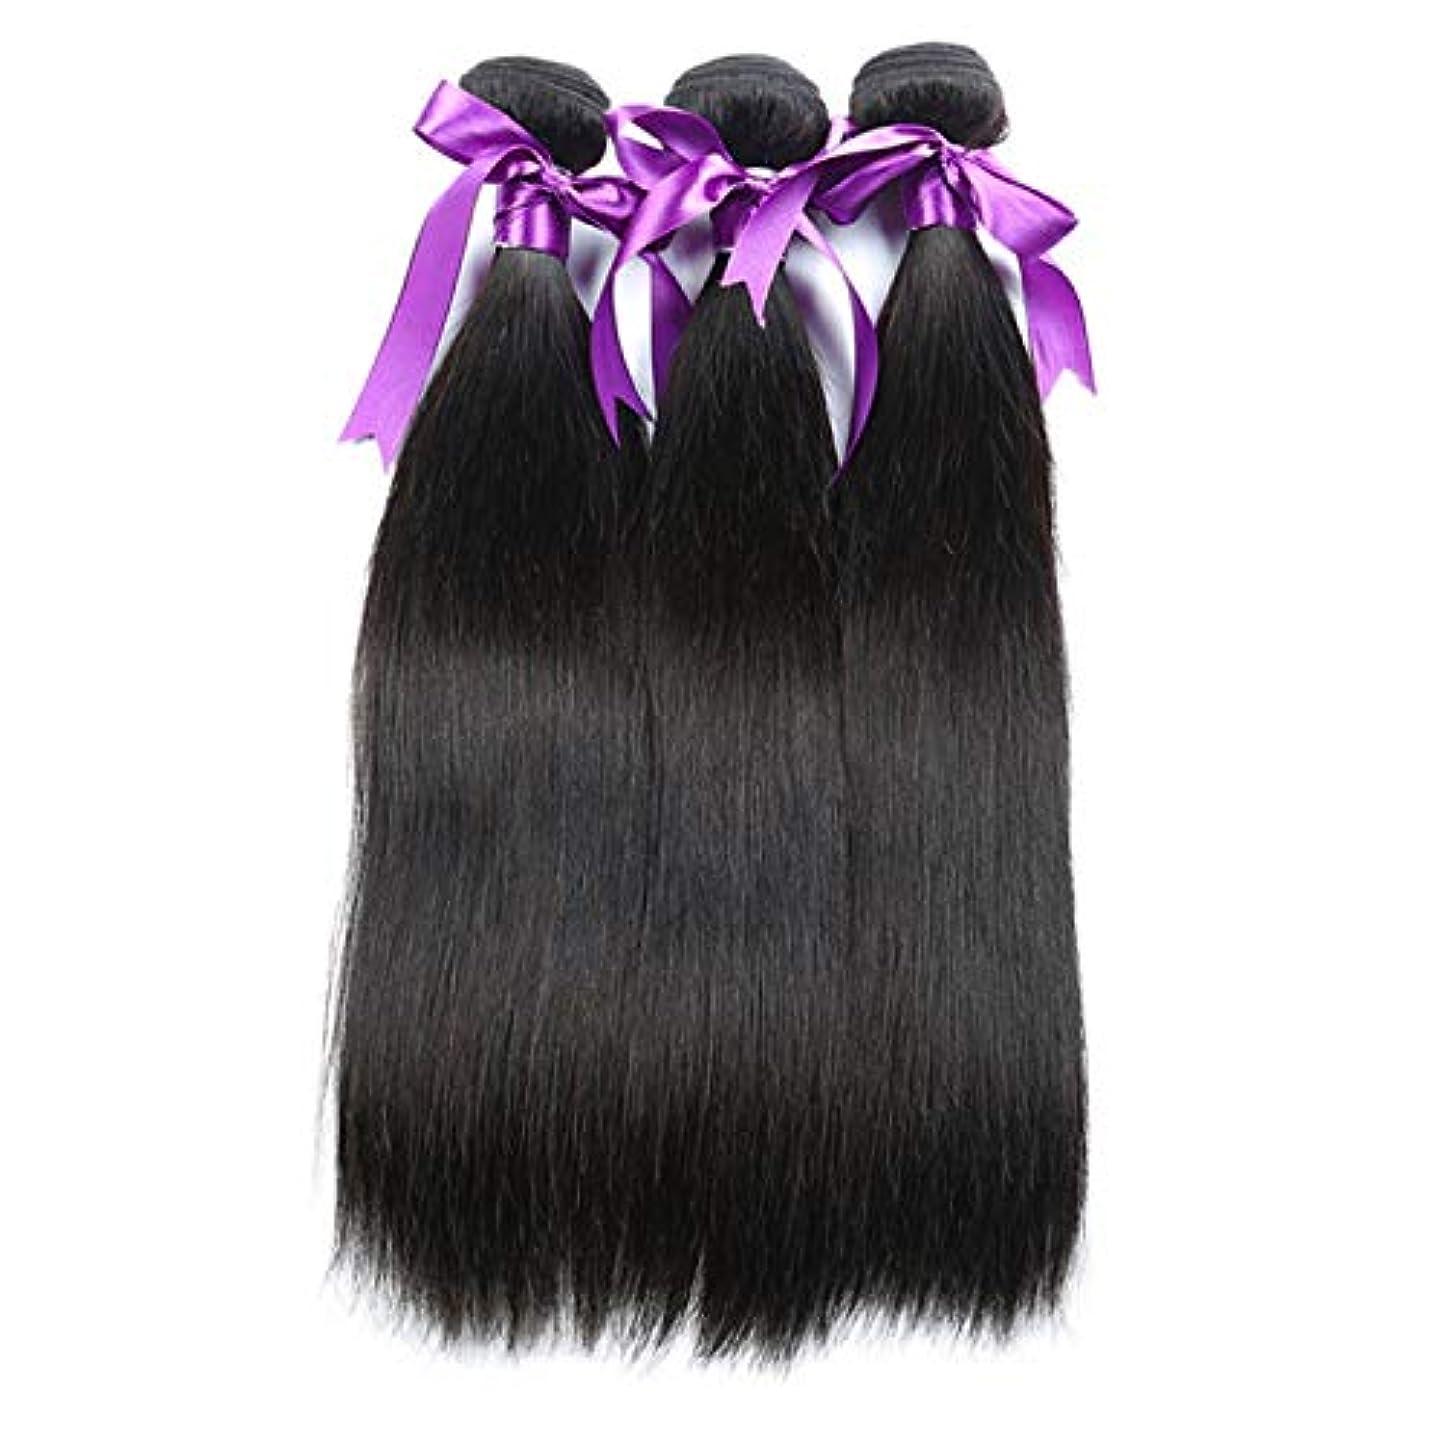 達成可能連邦最愛のかつら 髪マレーシアストレートヘア3個人間の髪の束非レミーの毛延長8-28インチボディヘアウィッグ (Length : 12 14 16)